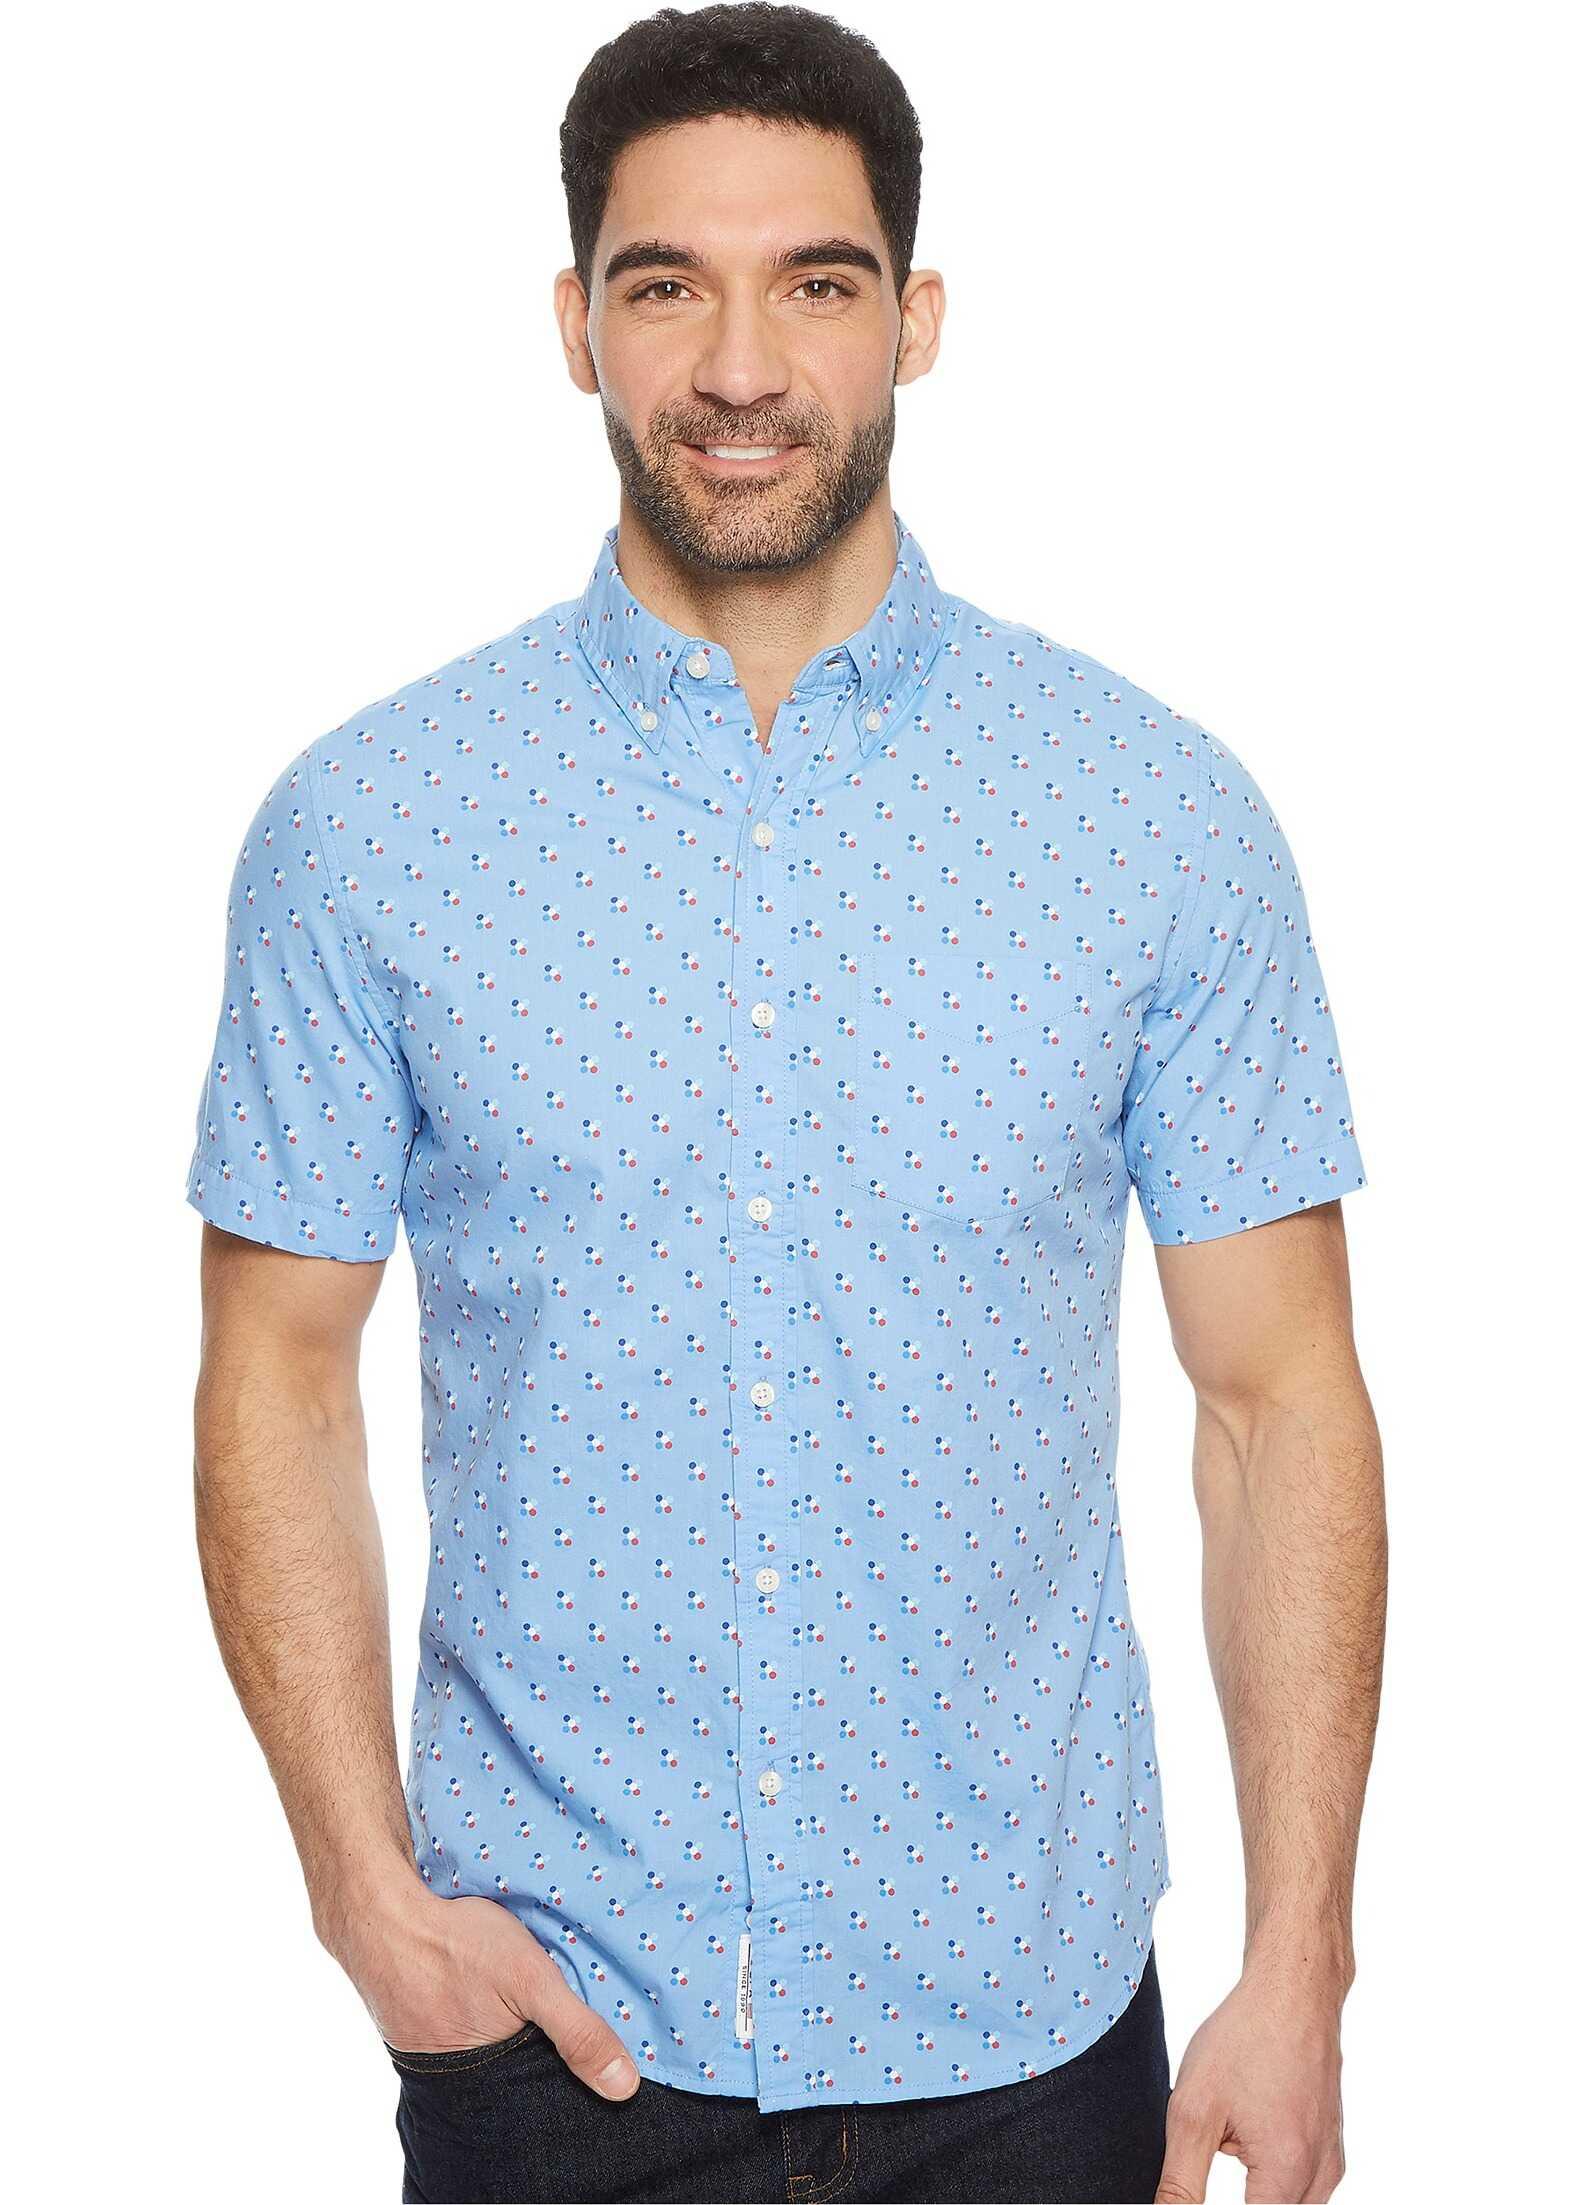 U.S. POLO ASSN. Short Sleeve Slim Fit Fancy Shirt Discharged Print Vista Blue